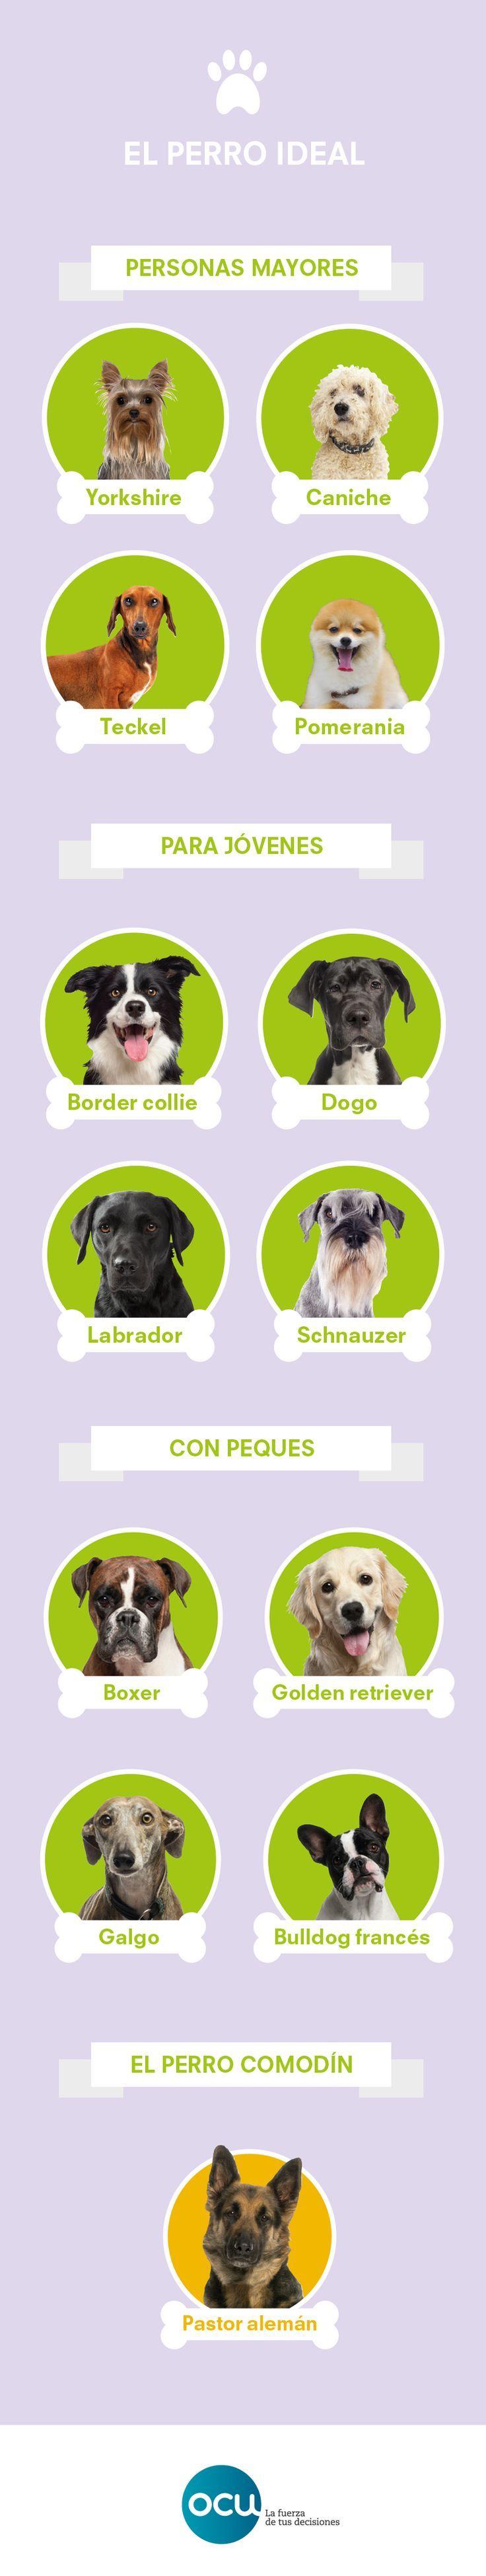 El mejor amigo del perro | OCU Consumity